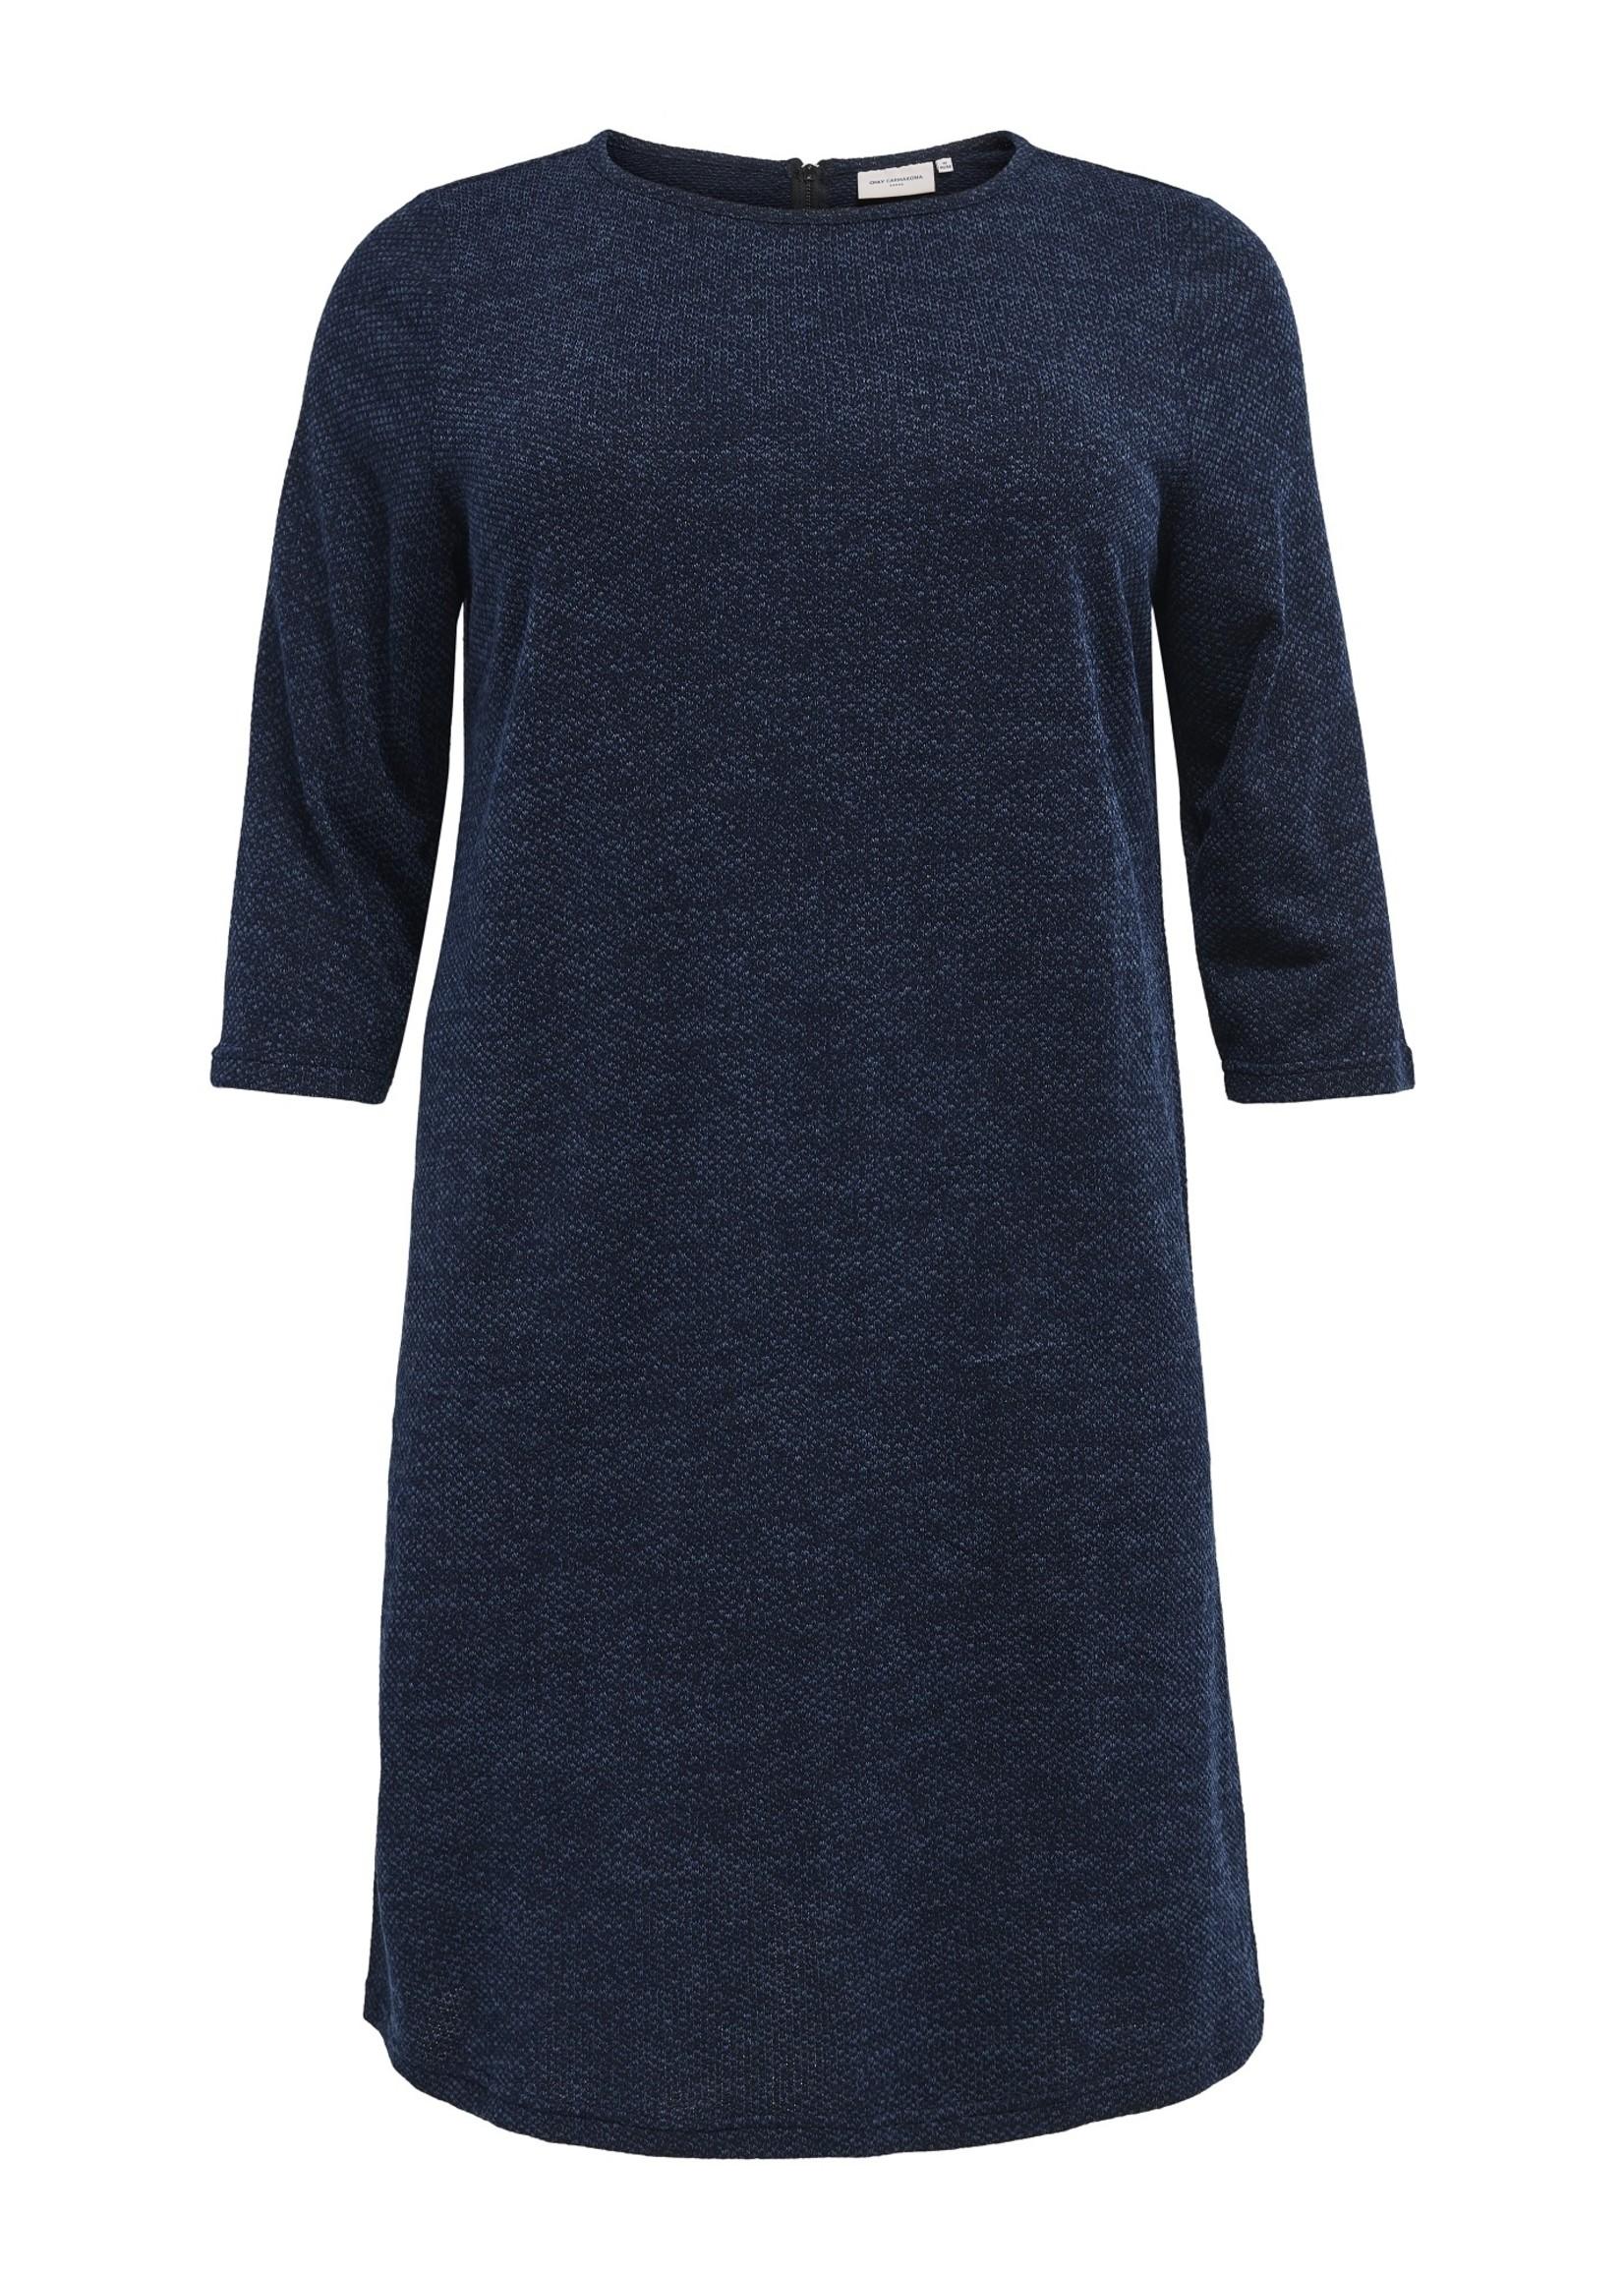 Only Carmakoma Only Carmakoma Martha Knit Dress